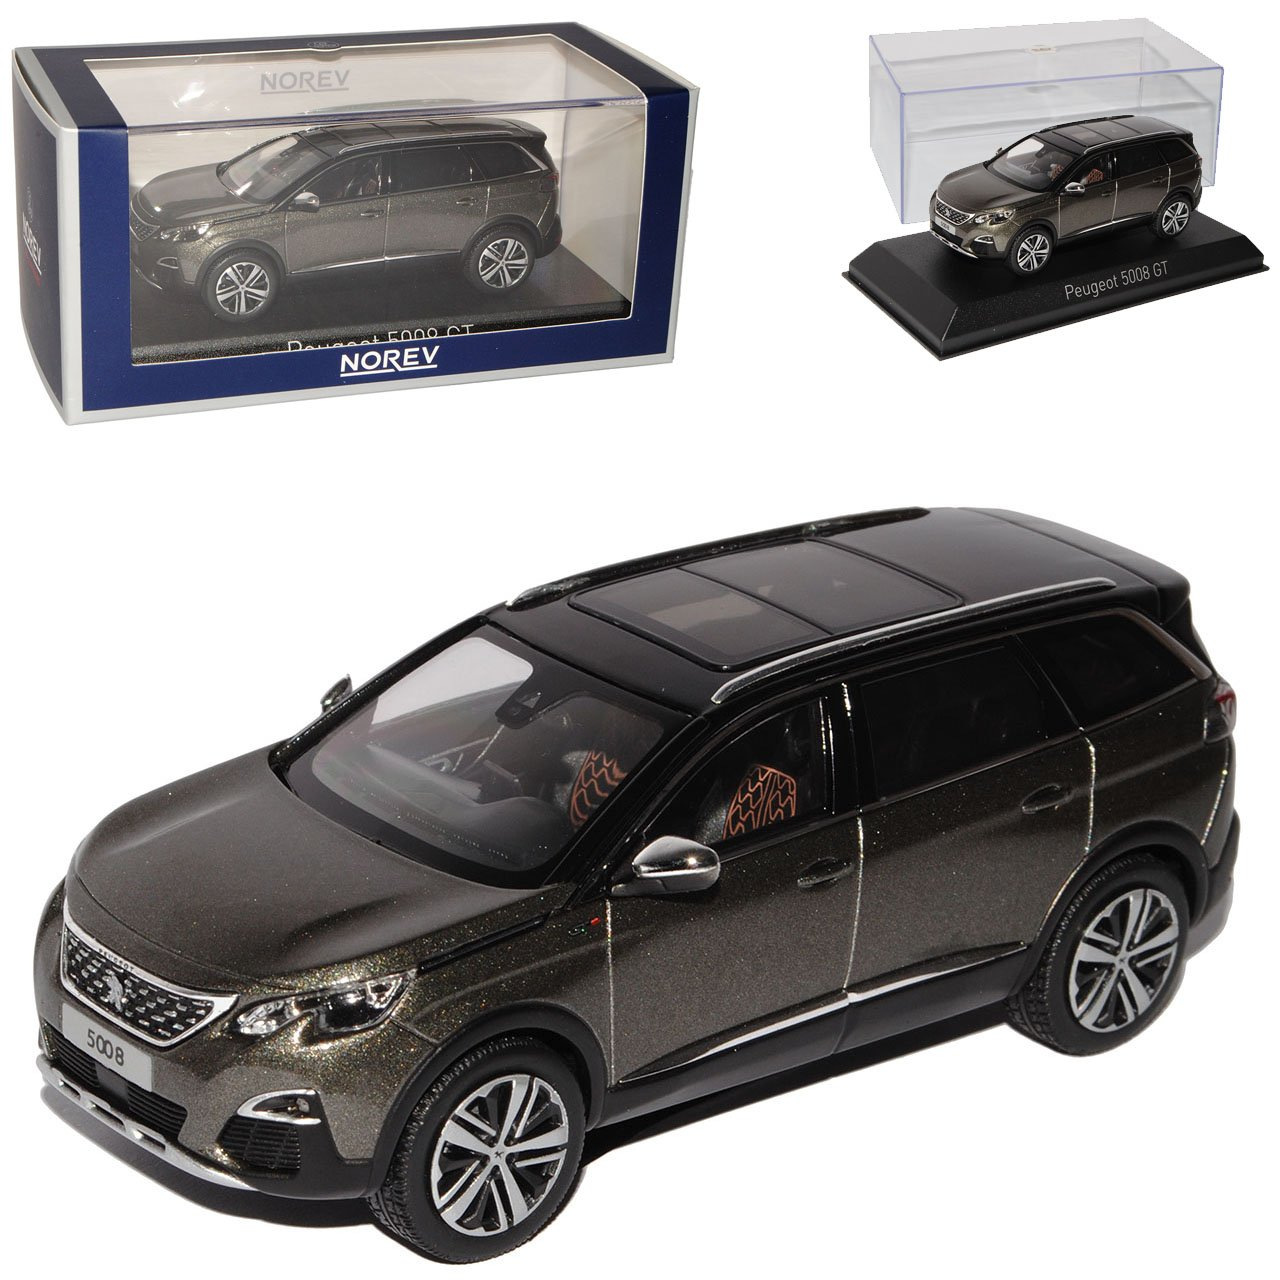 Norev Peugeot 5008 GT SUV Amazonite Grau Schwarz 2. Generation Ab 2016 1/43 Modell Auto mit individiuellem Wunschkennzeichen